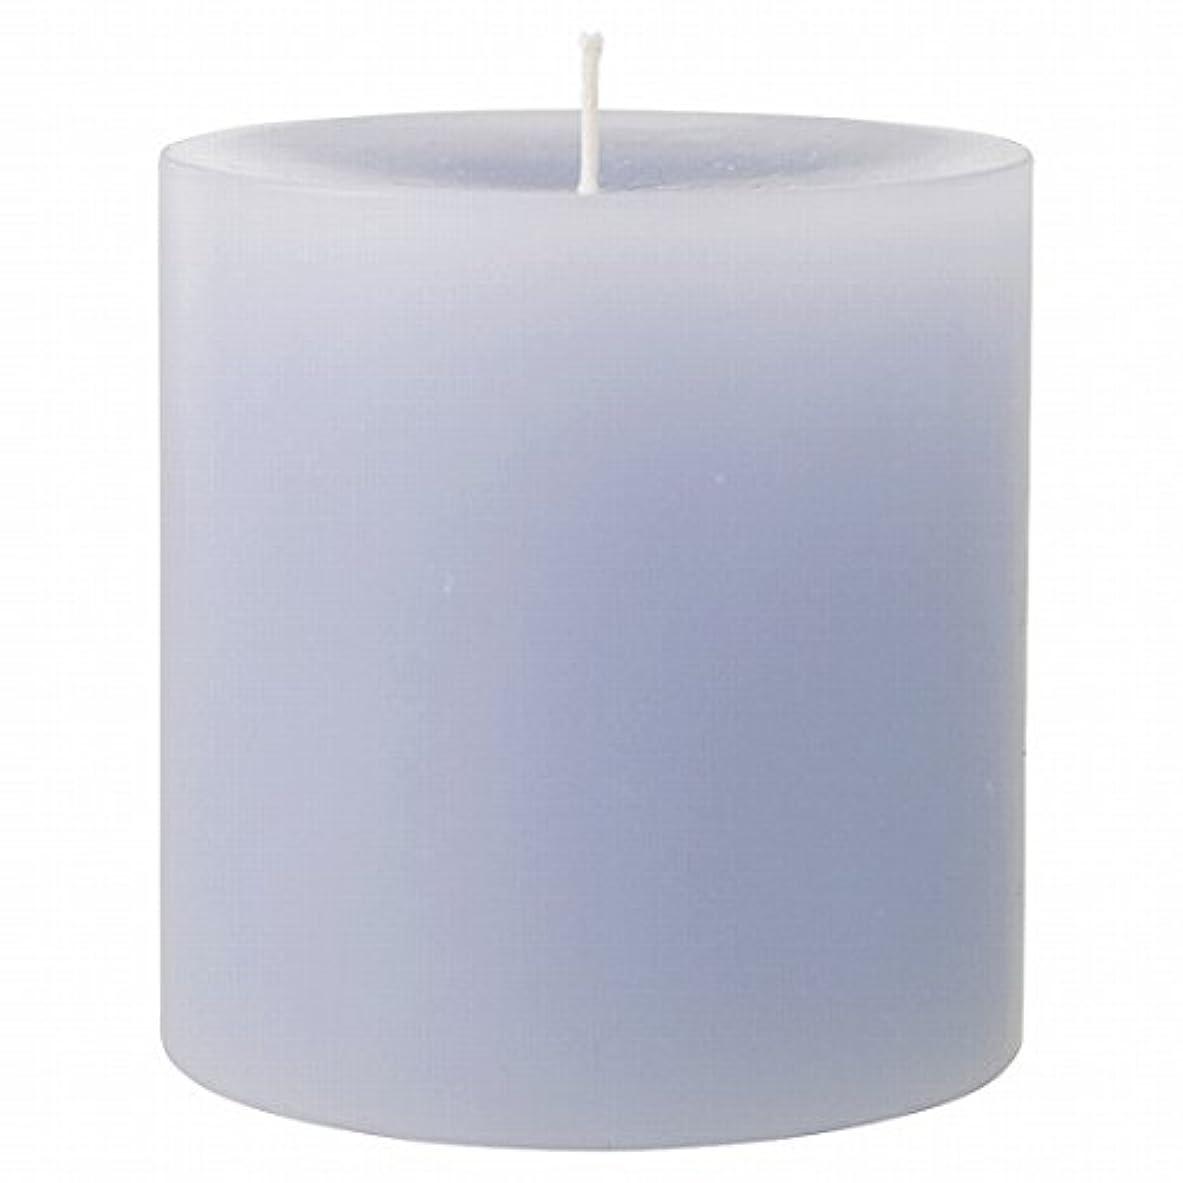 趣味シロクマ部族カメヤマキャンドル(kameyama candle) 75×75ピラーキャンドル 「 グレー 」